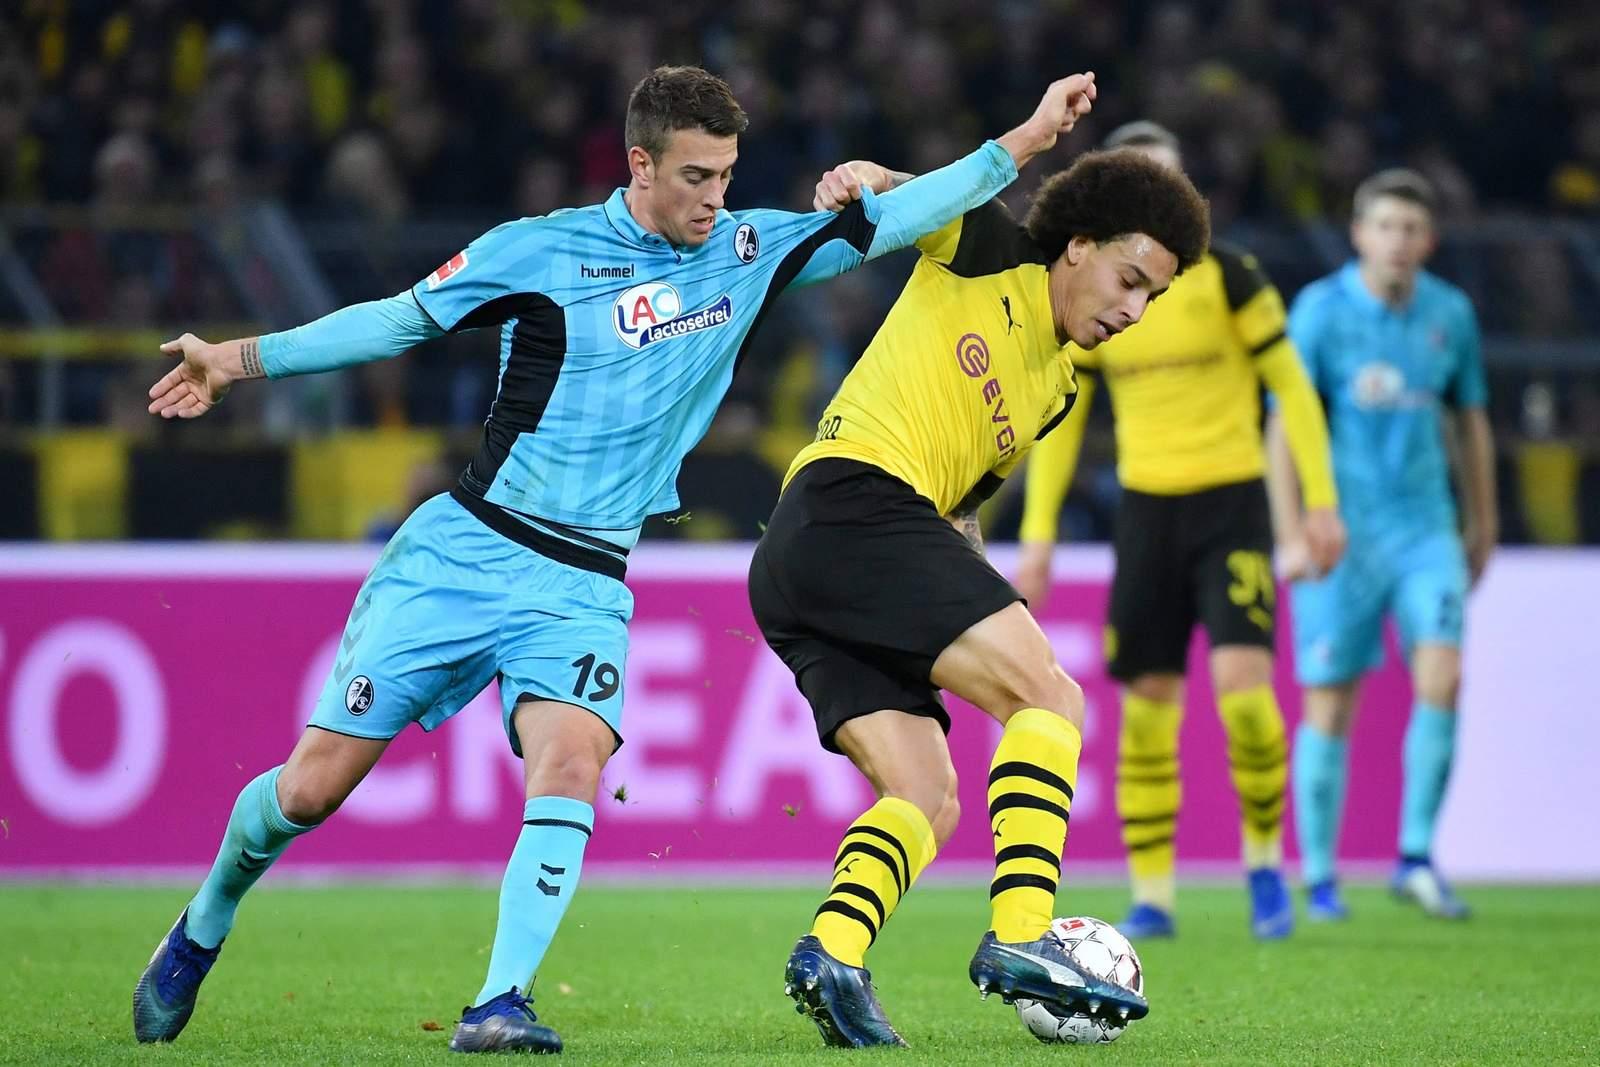 Kann Janik haberer Axel Witsel stoppen? Jetzt auf Freiburg gegen BVB wetten!